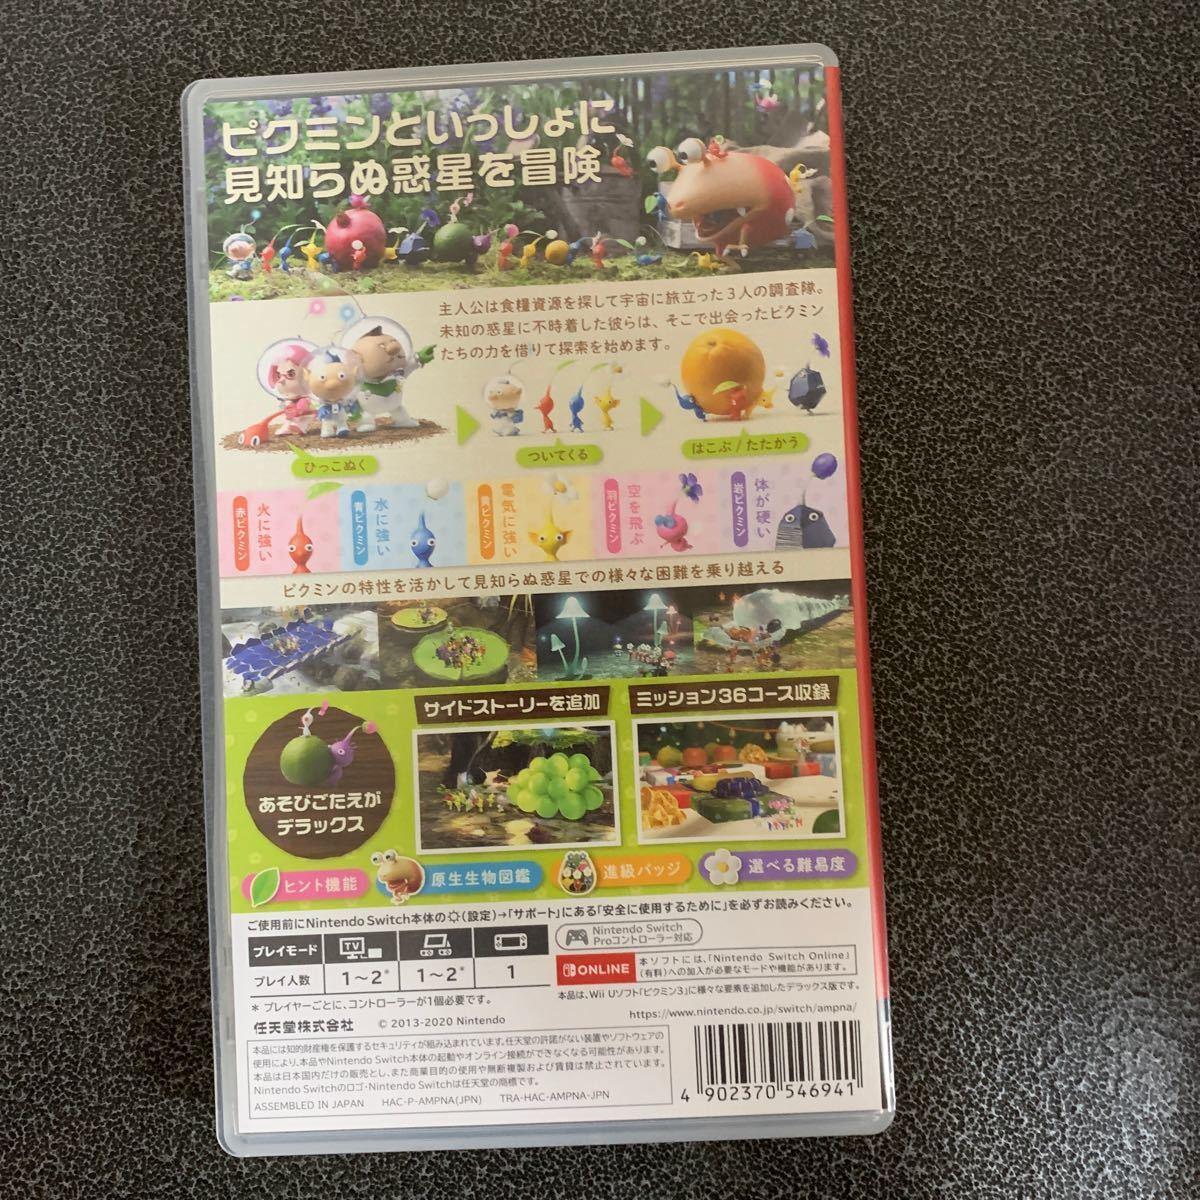 Nintendo Switch ピクミン3デラックス 【Switch】 ピクミン3 デラックス ニンテンドー スイッチ ソフト